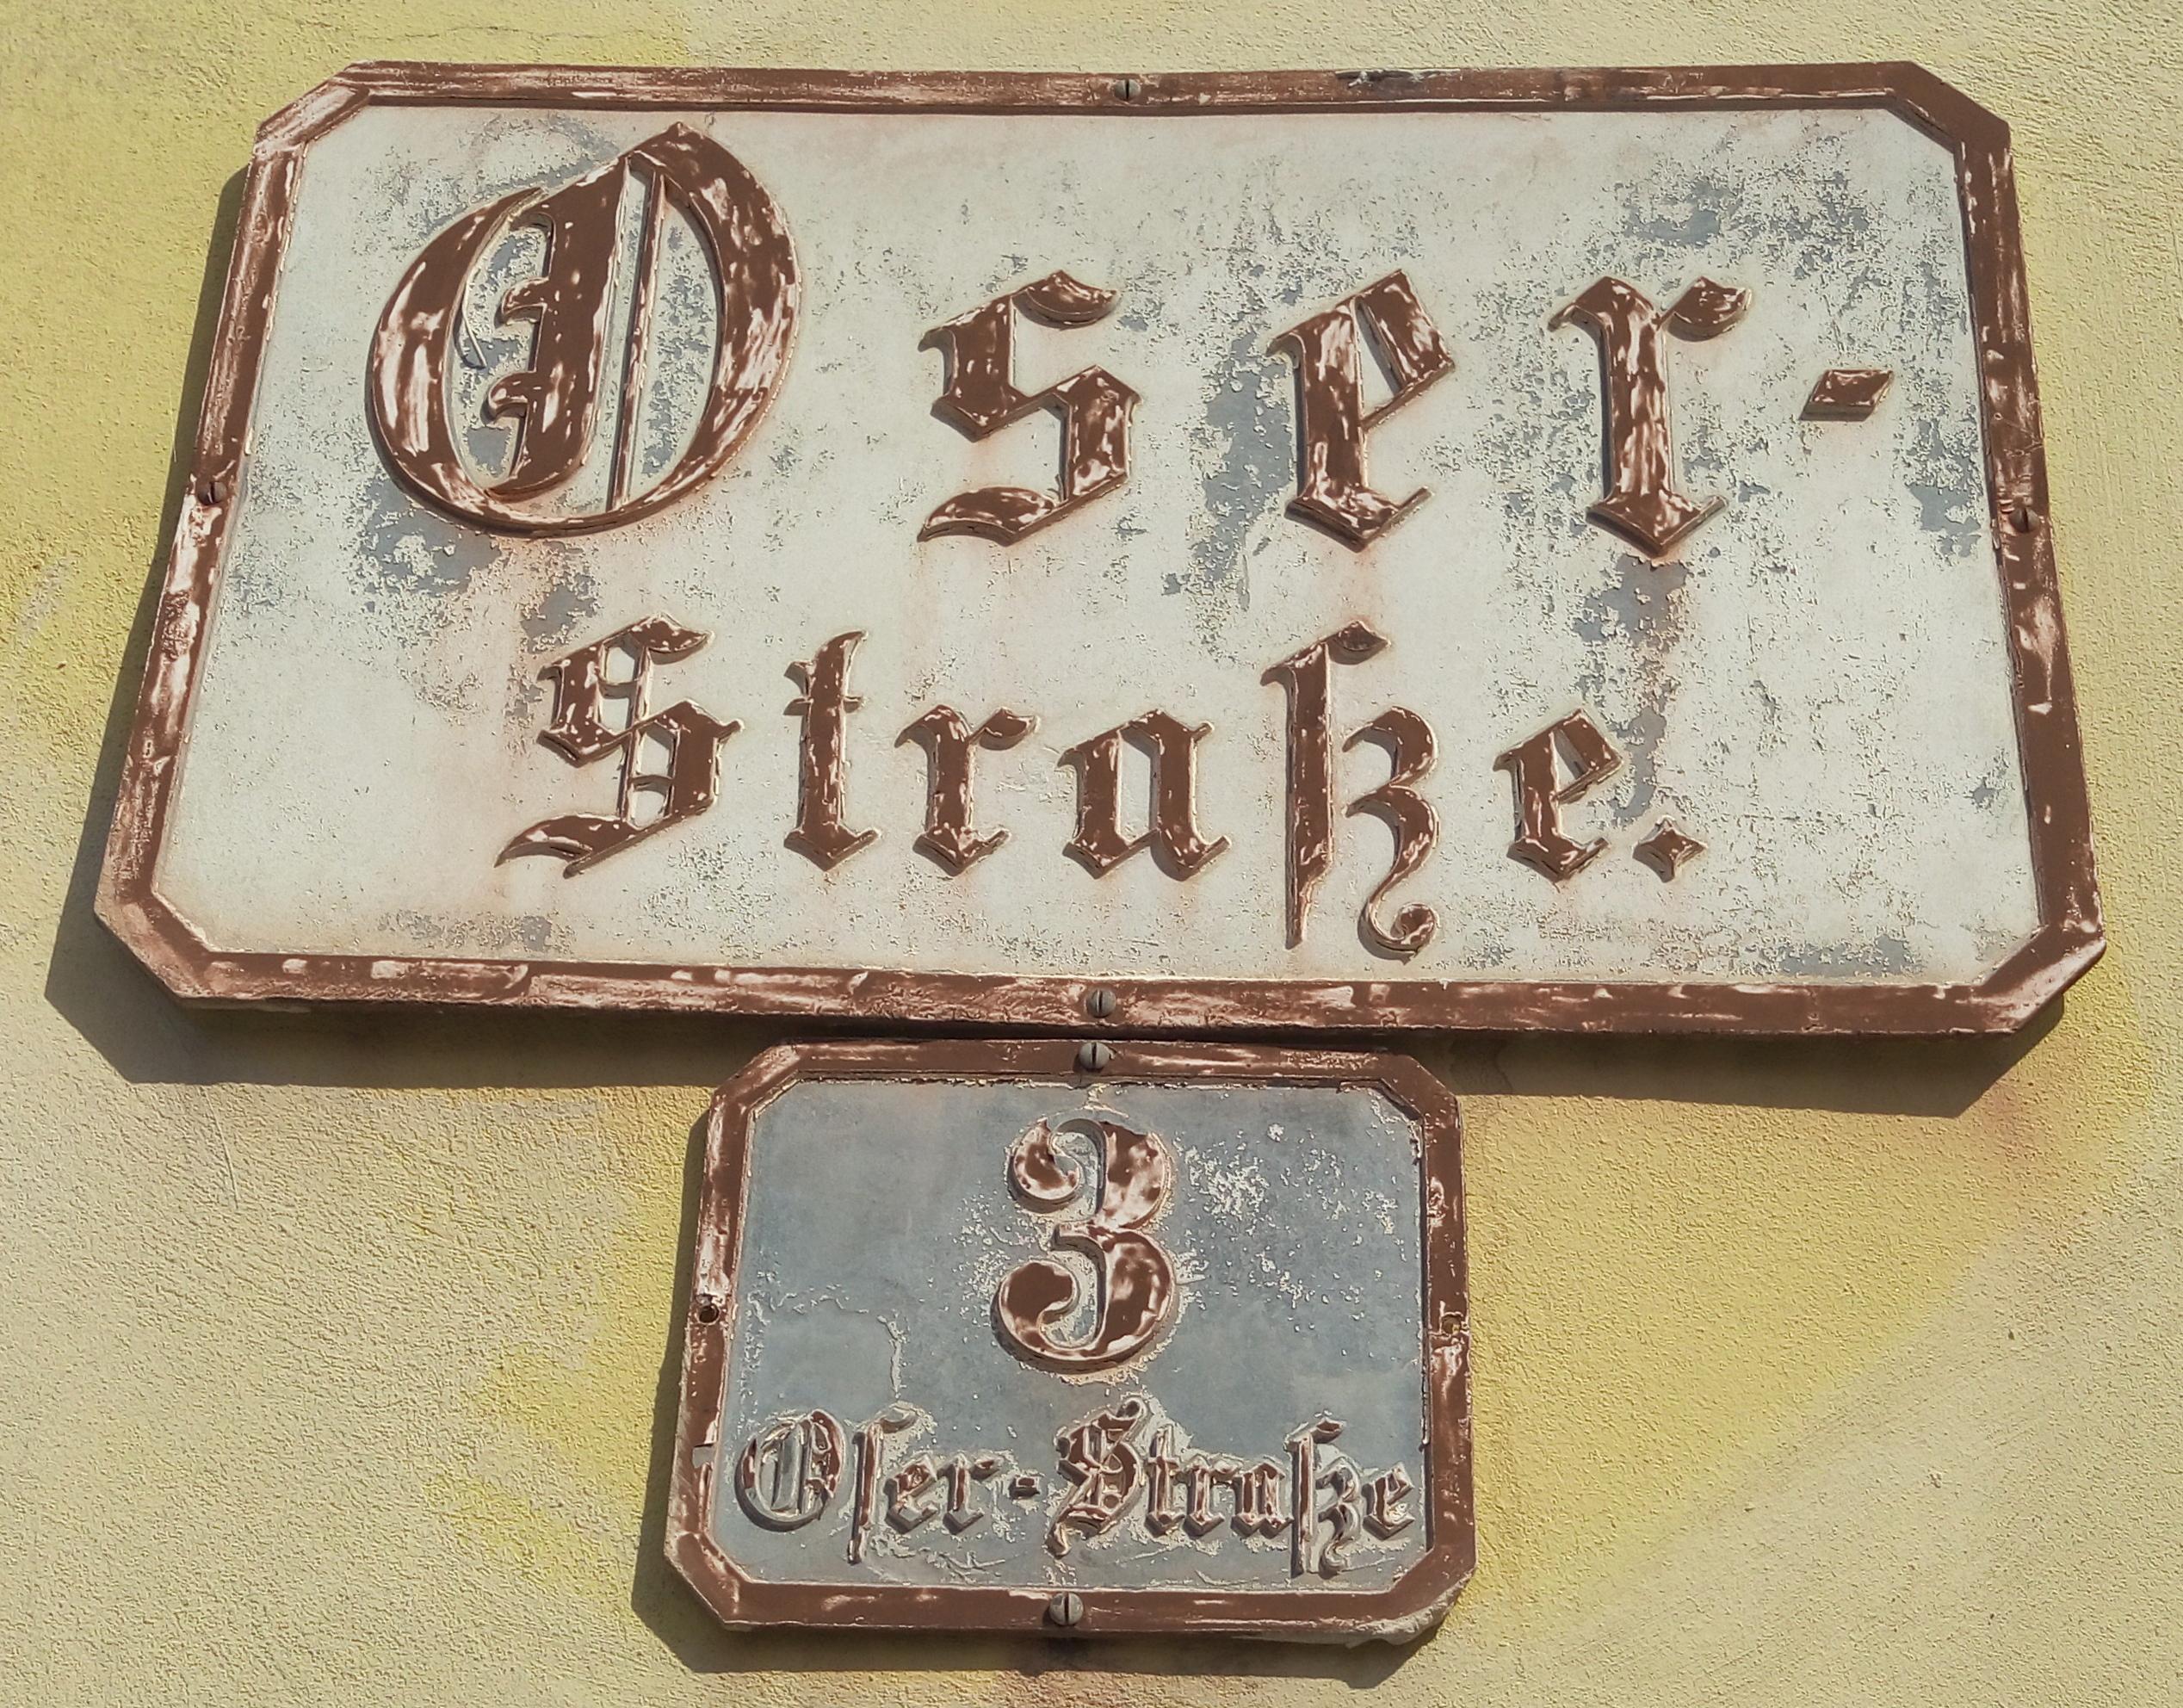 Oserstraße Mistelbach